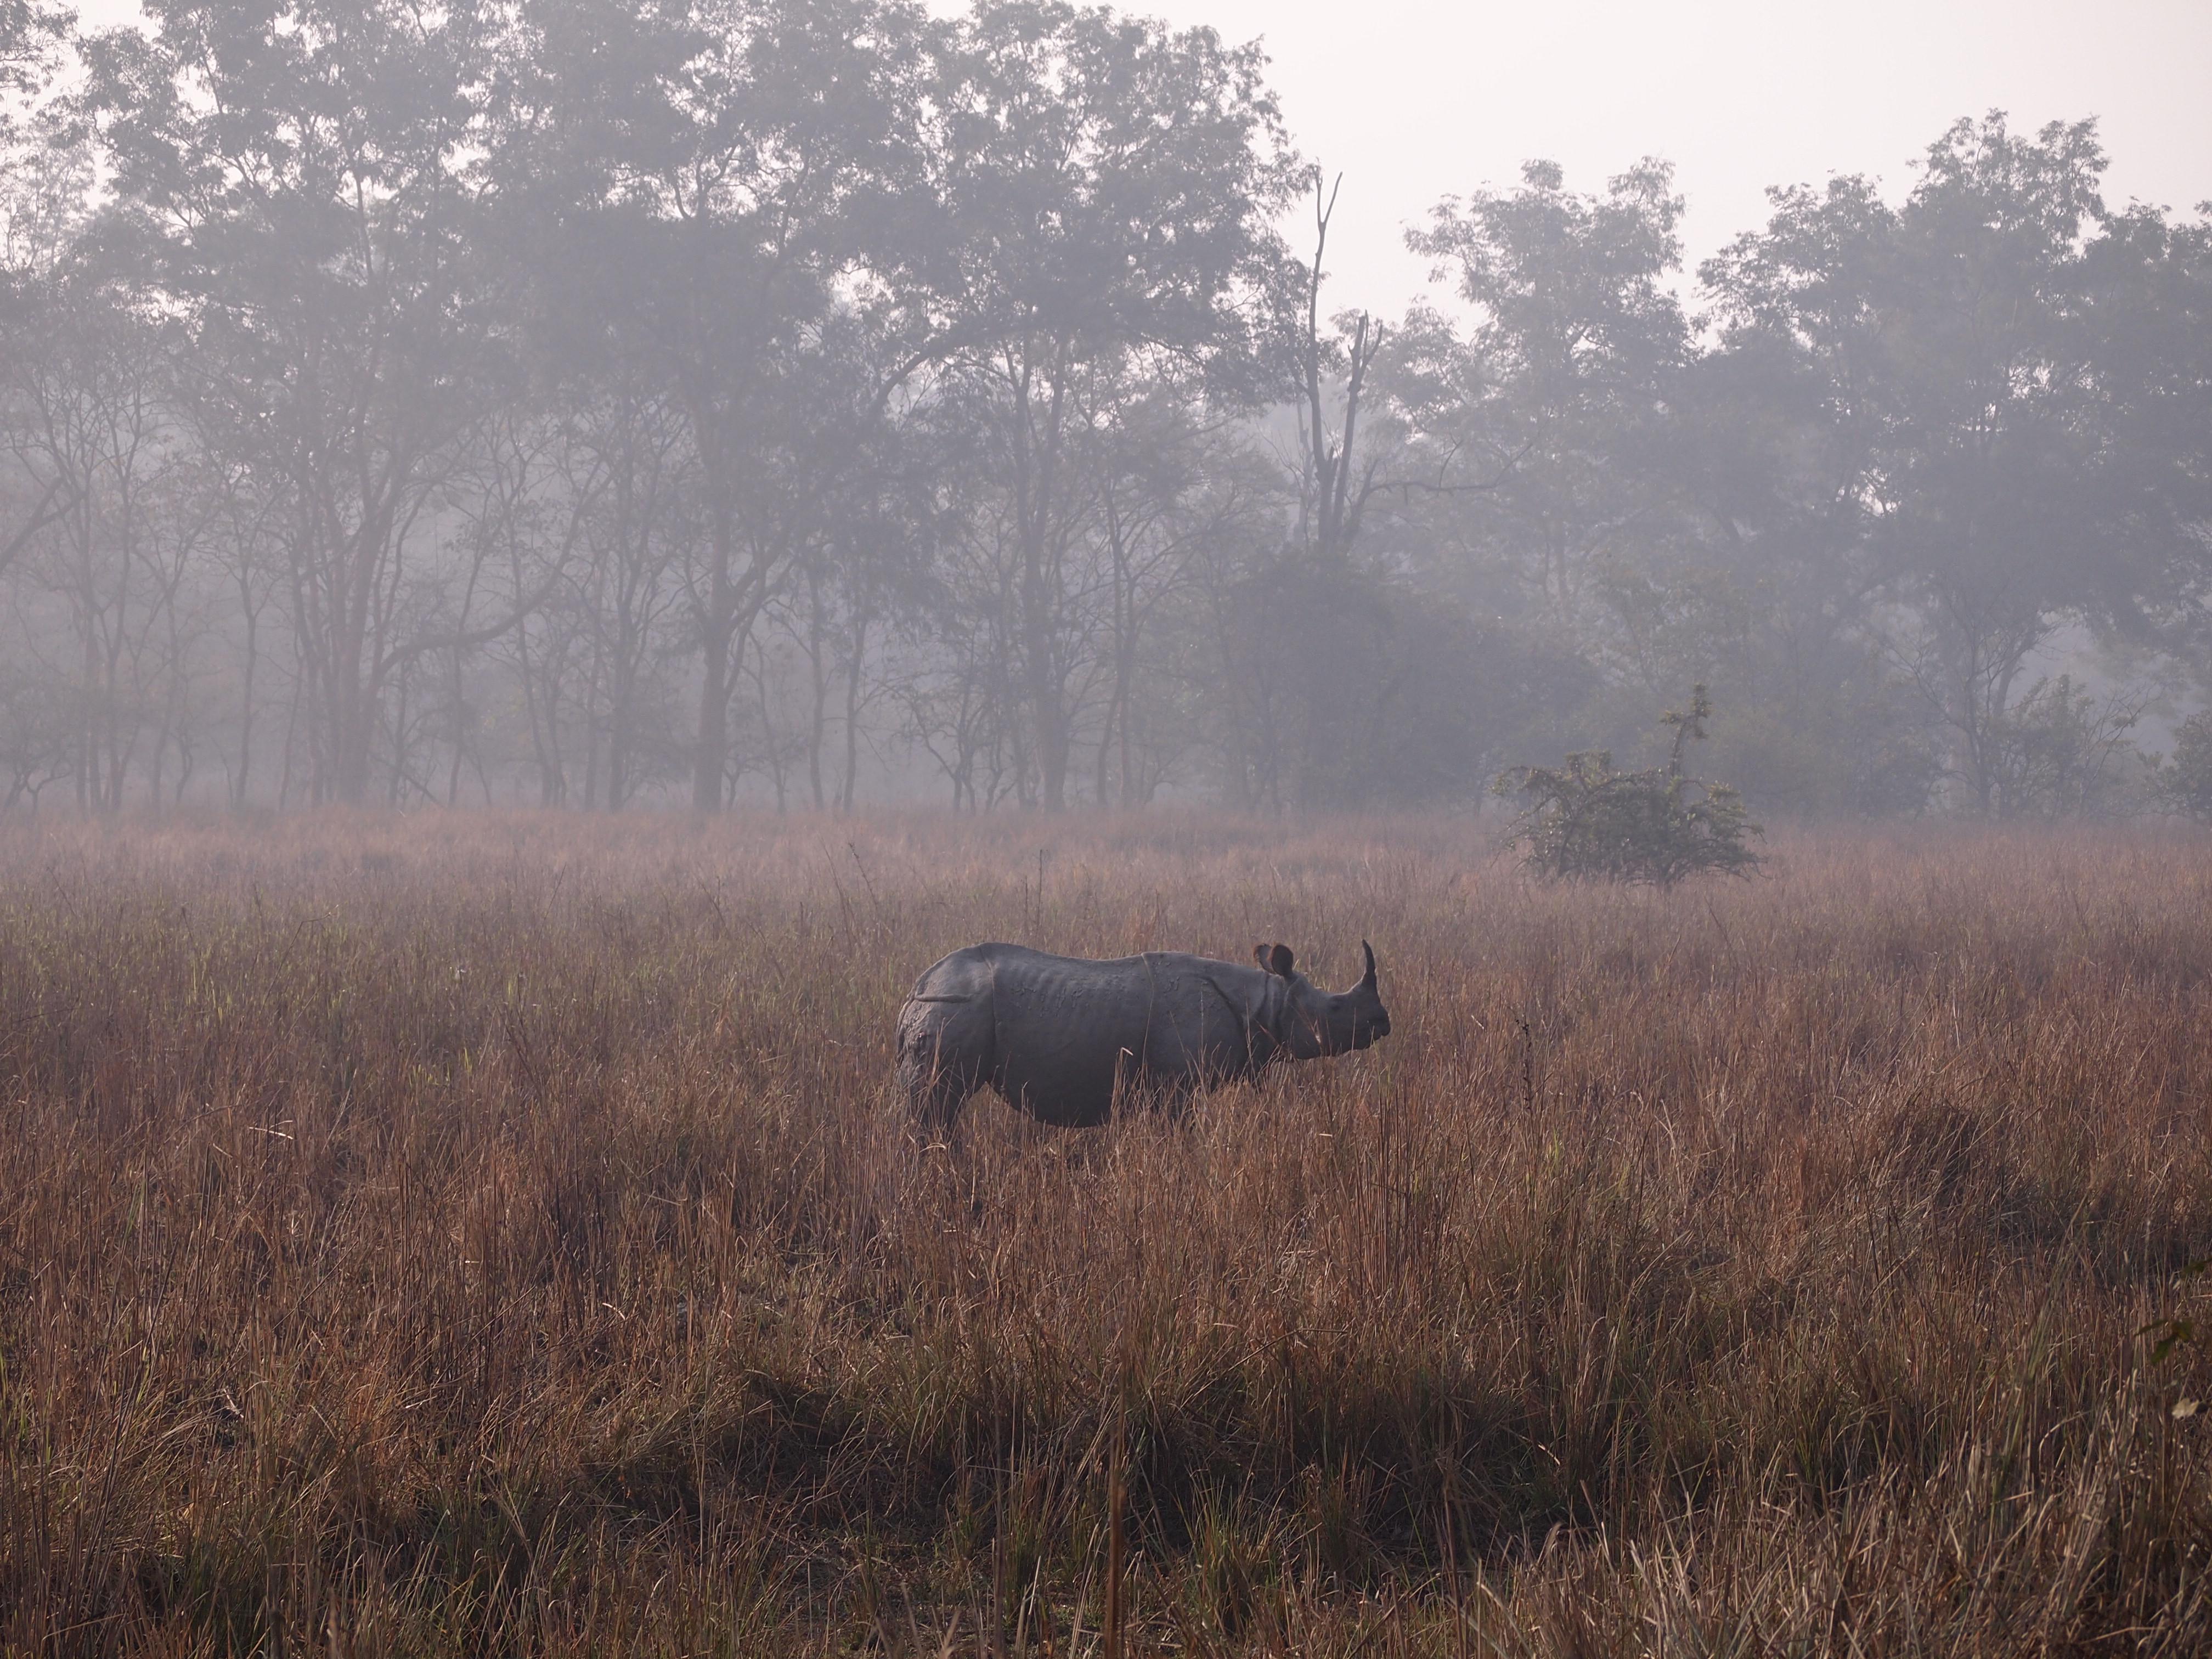 Pobitora Wildlife Sanctuary Assam Essential Travel Guide